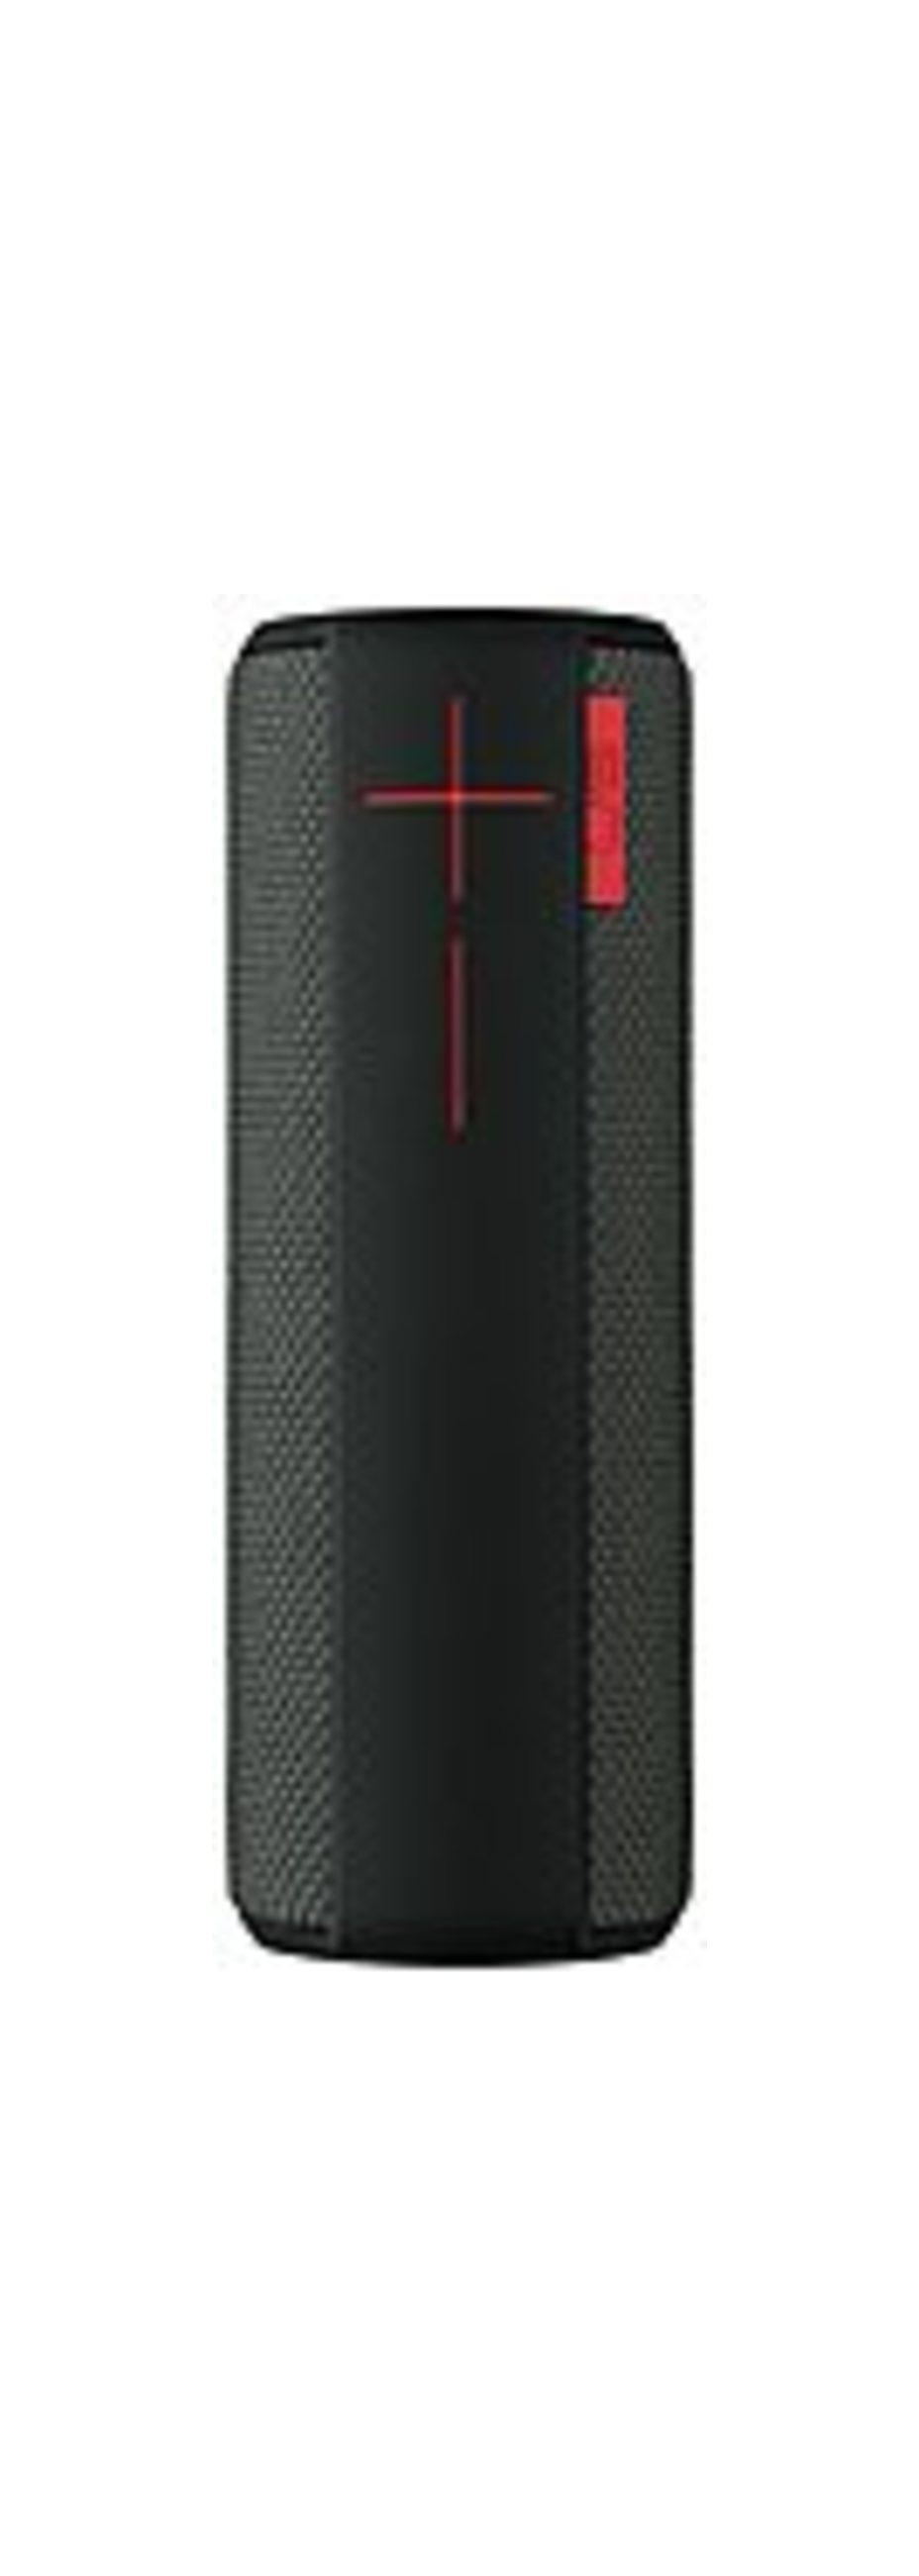 Ultimate Ears 980-001265 BOOM Wireless Bluetooth Speaker - Black